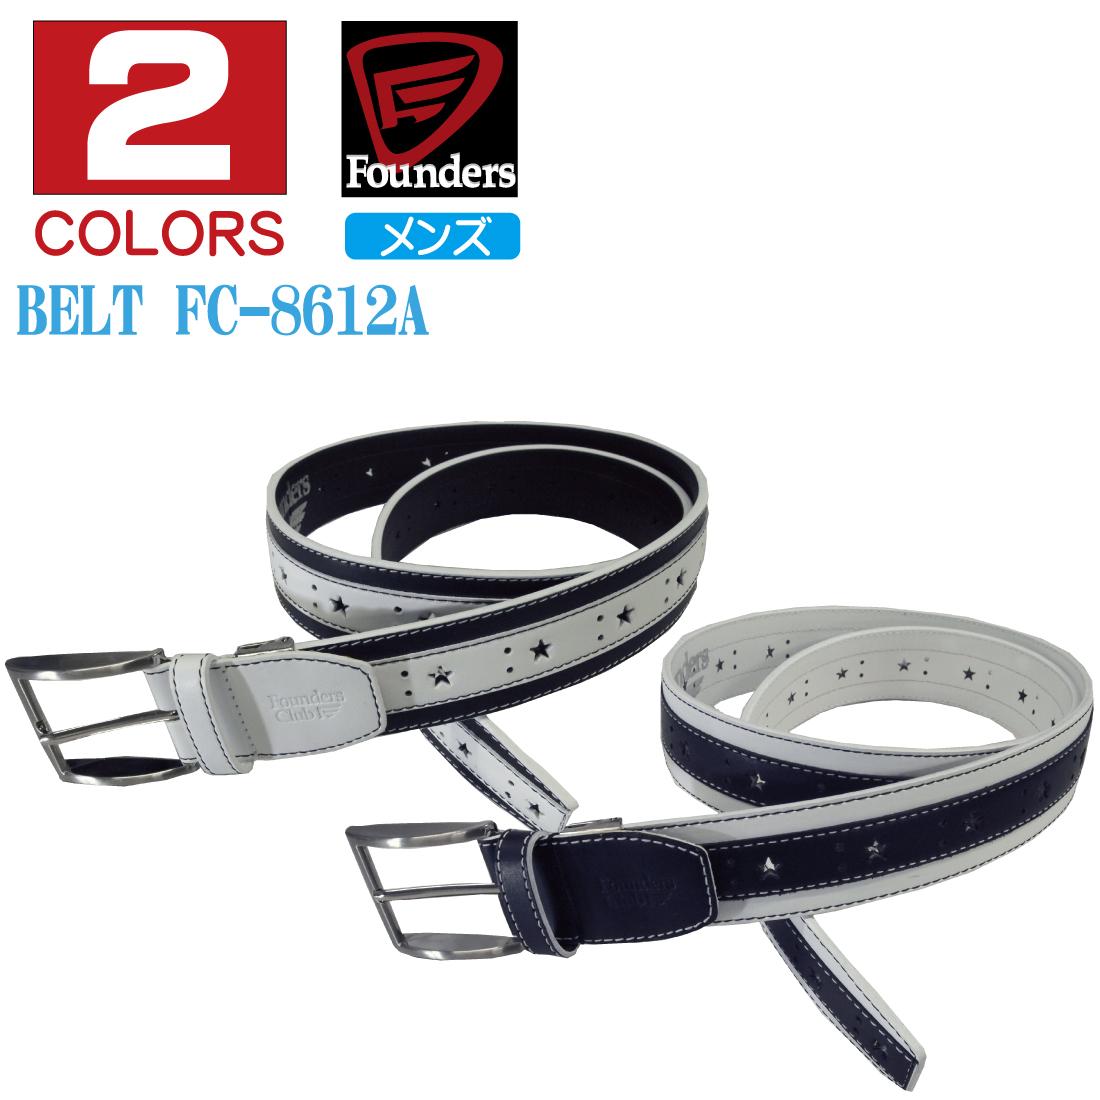 日本国内で製造された品質にこだわったベルトです ベルト メンズ 超激安 日本製 FoundersClub fc-8612a 高級な ファウンダースクラブ ファウンダース